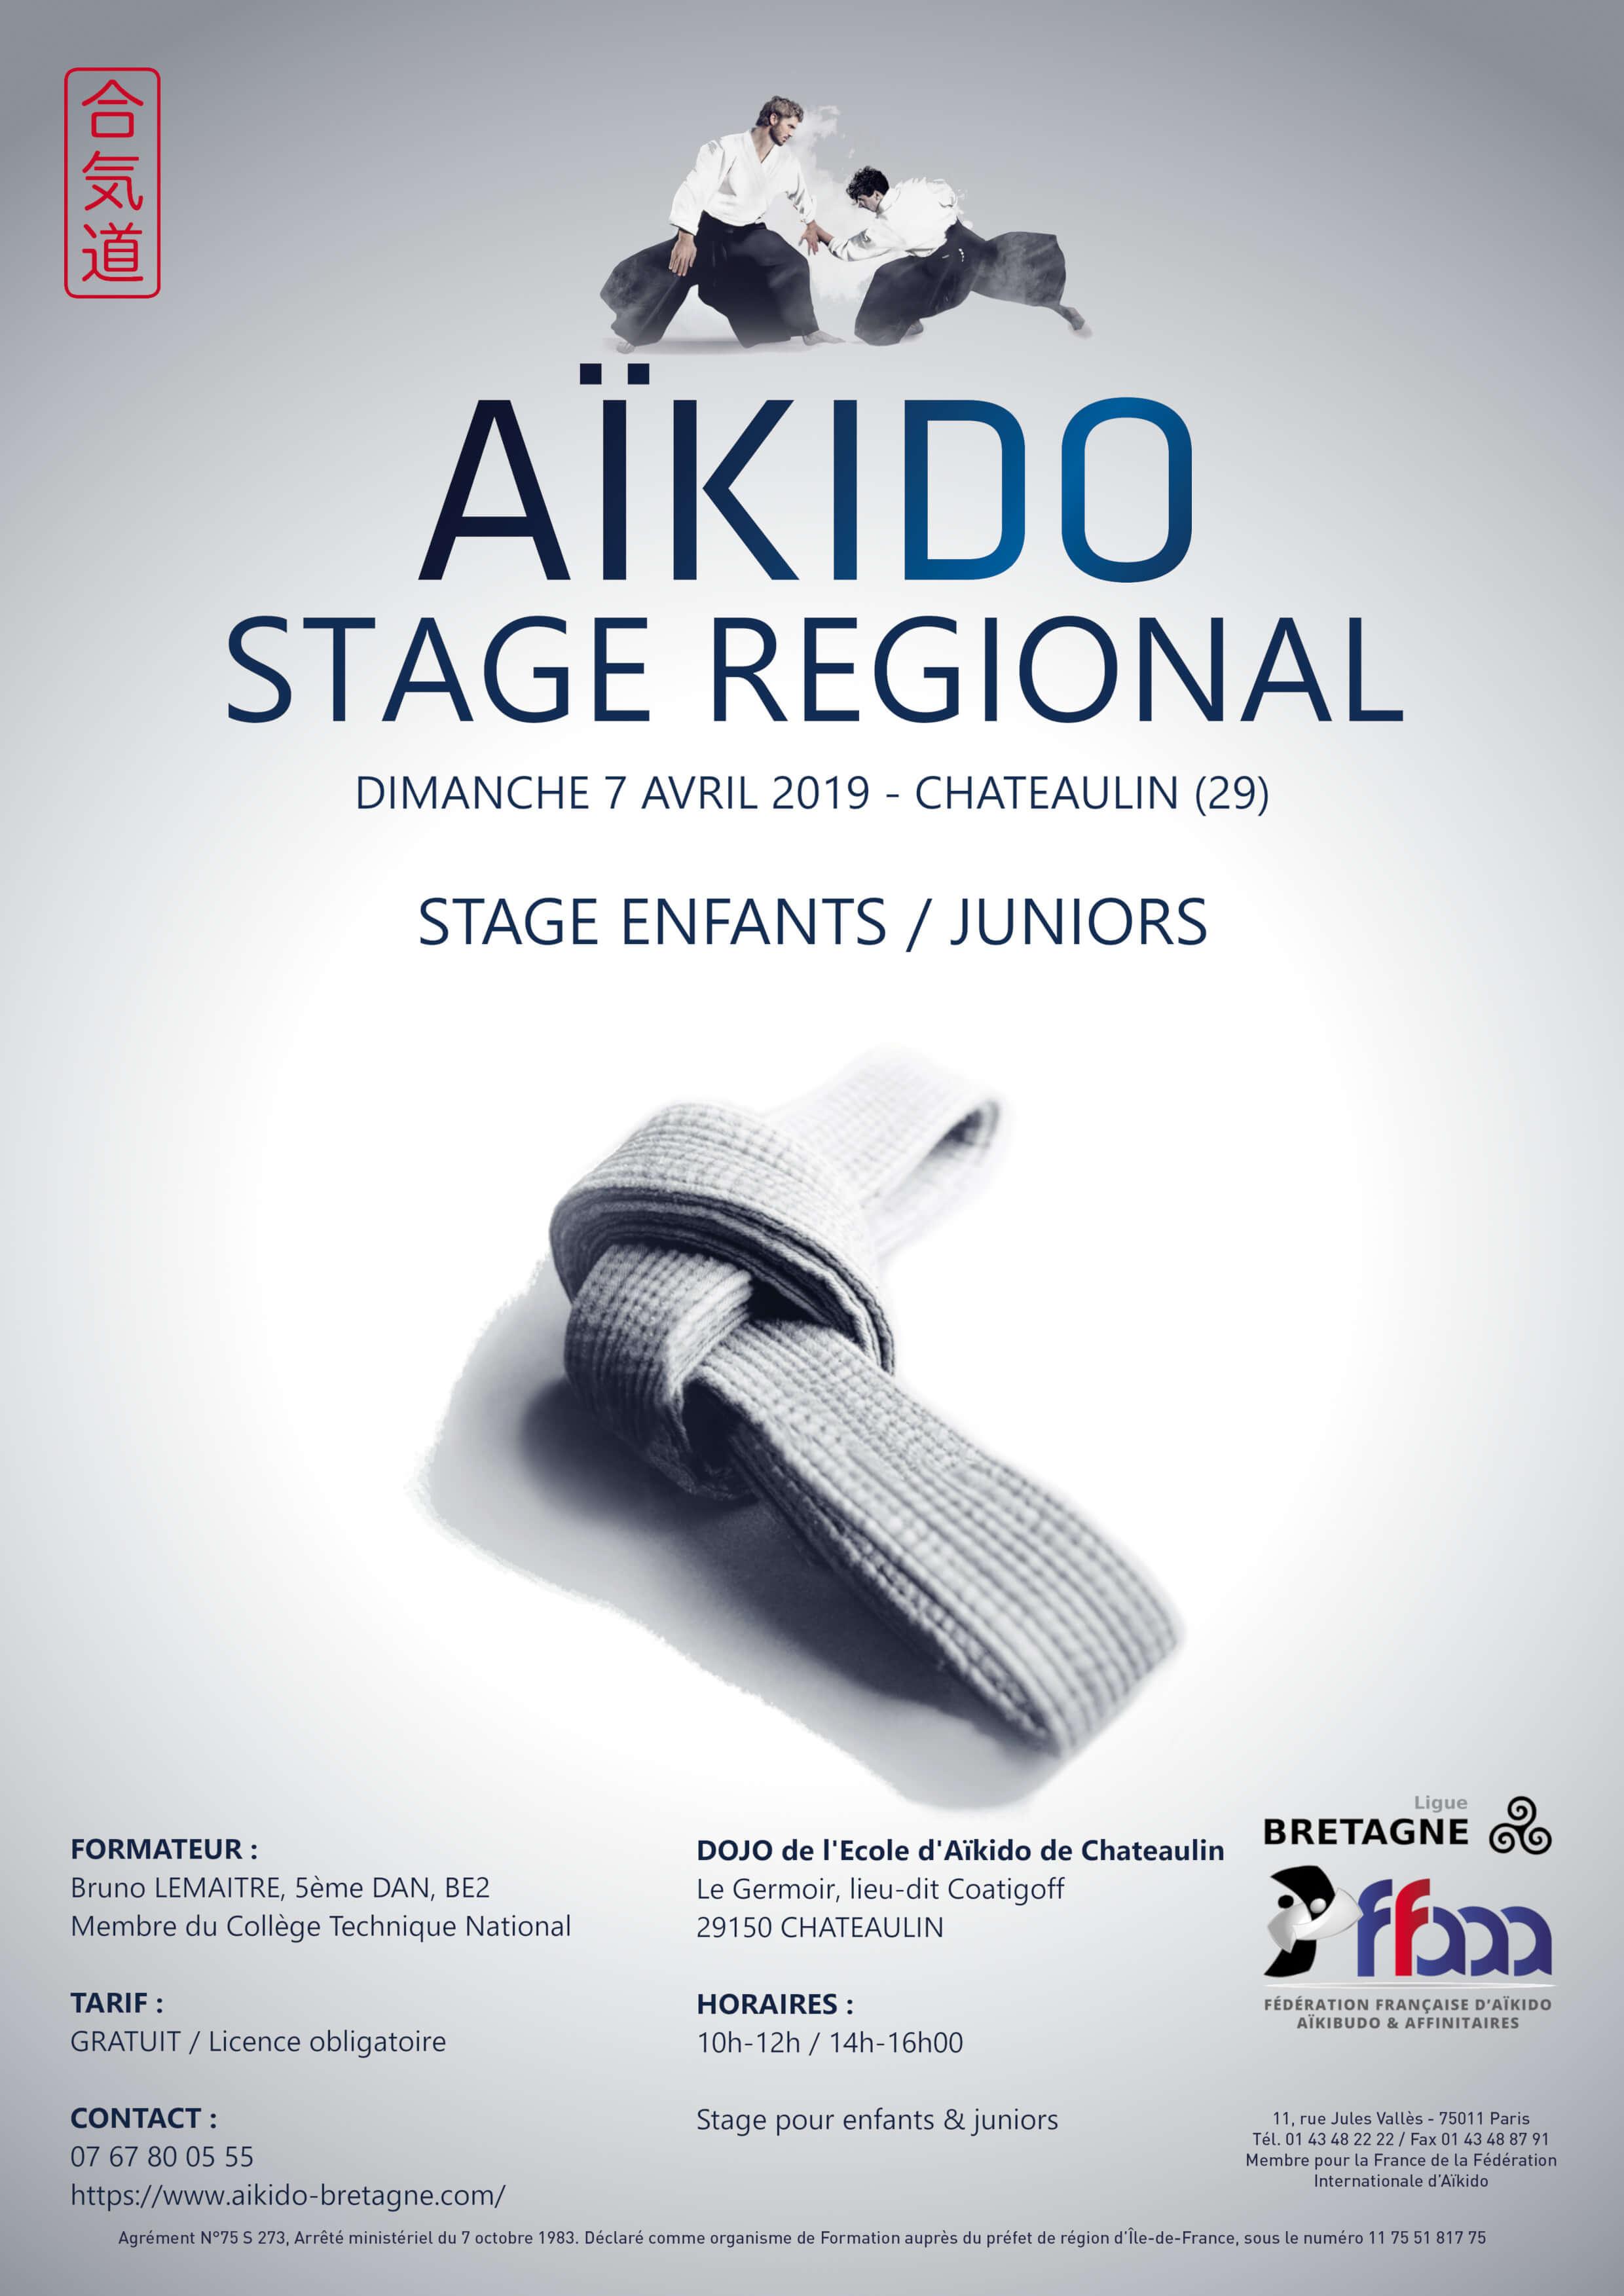 affiche du stage Aïkido enfant/juniors du 7 avril 2019 à Chateaulin